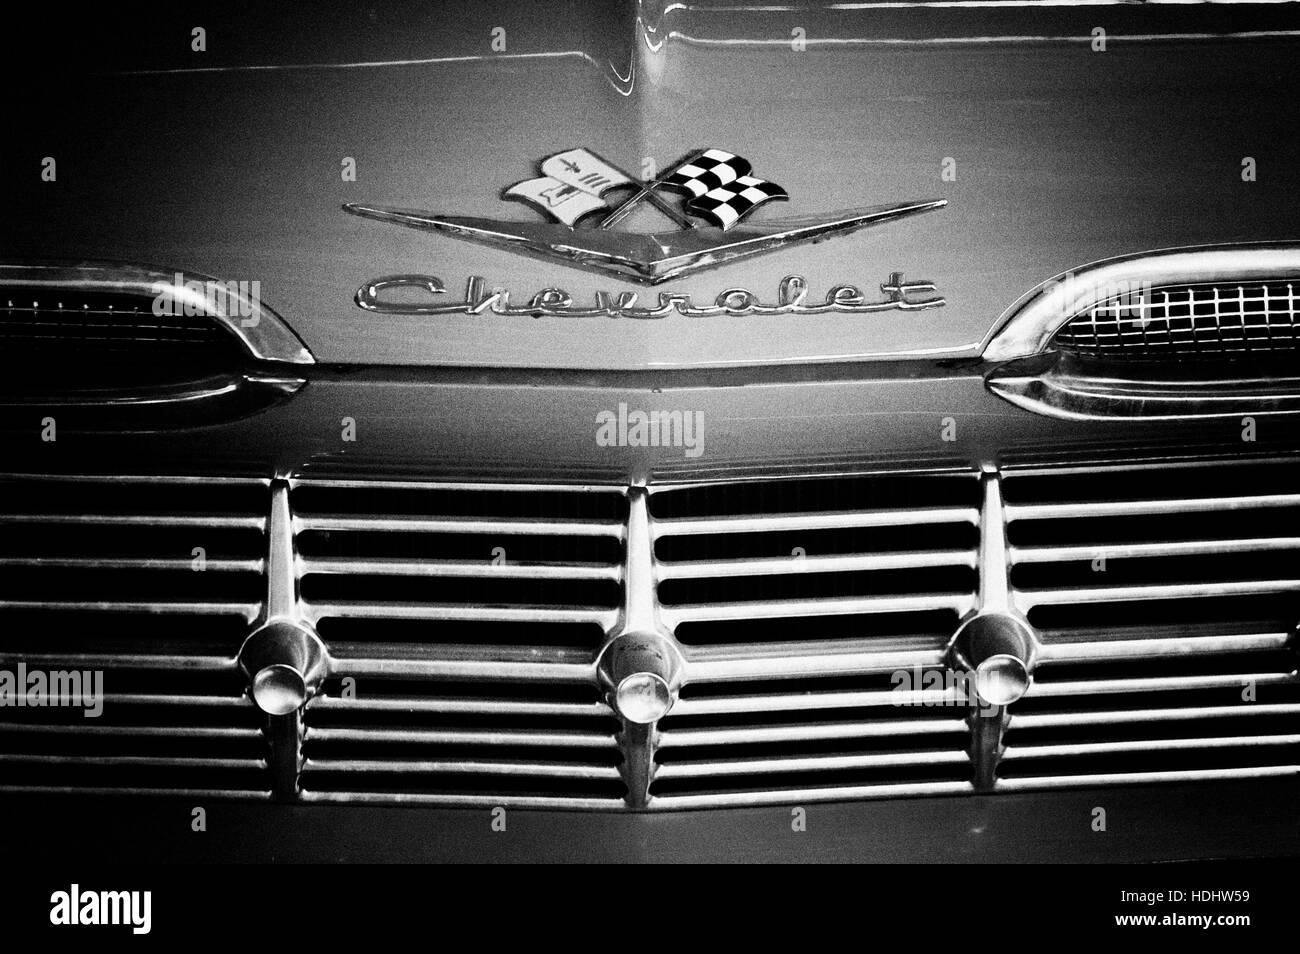 Photo chevrolet impala year 1959 photo auto radiator grille sign photo chevrolet impala year 1959 photo auto radiator grille sign symbol emblem buycottarizona Images